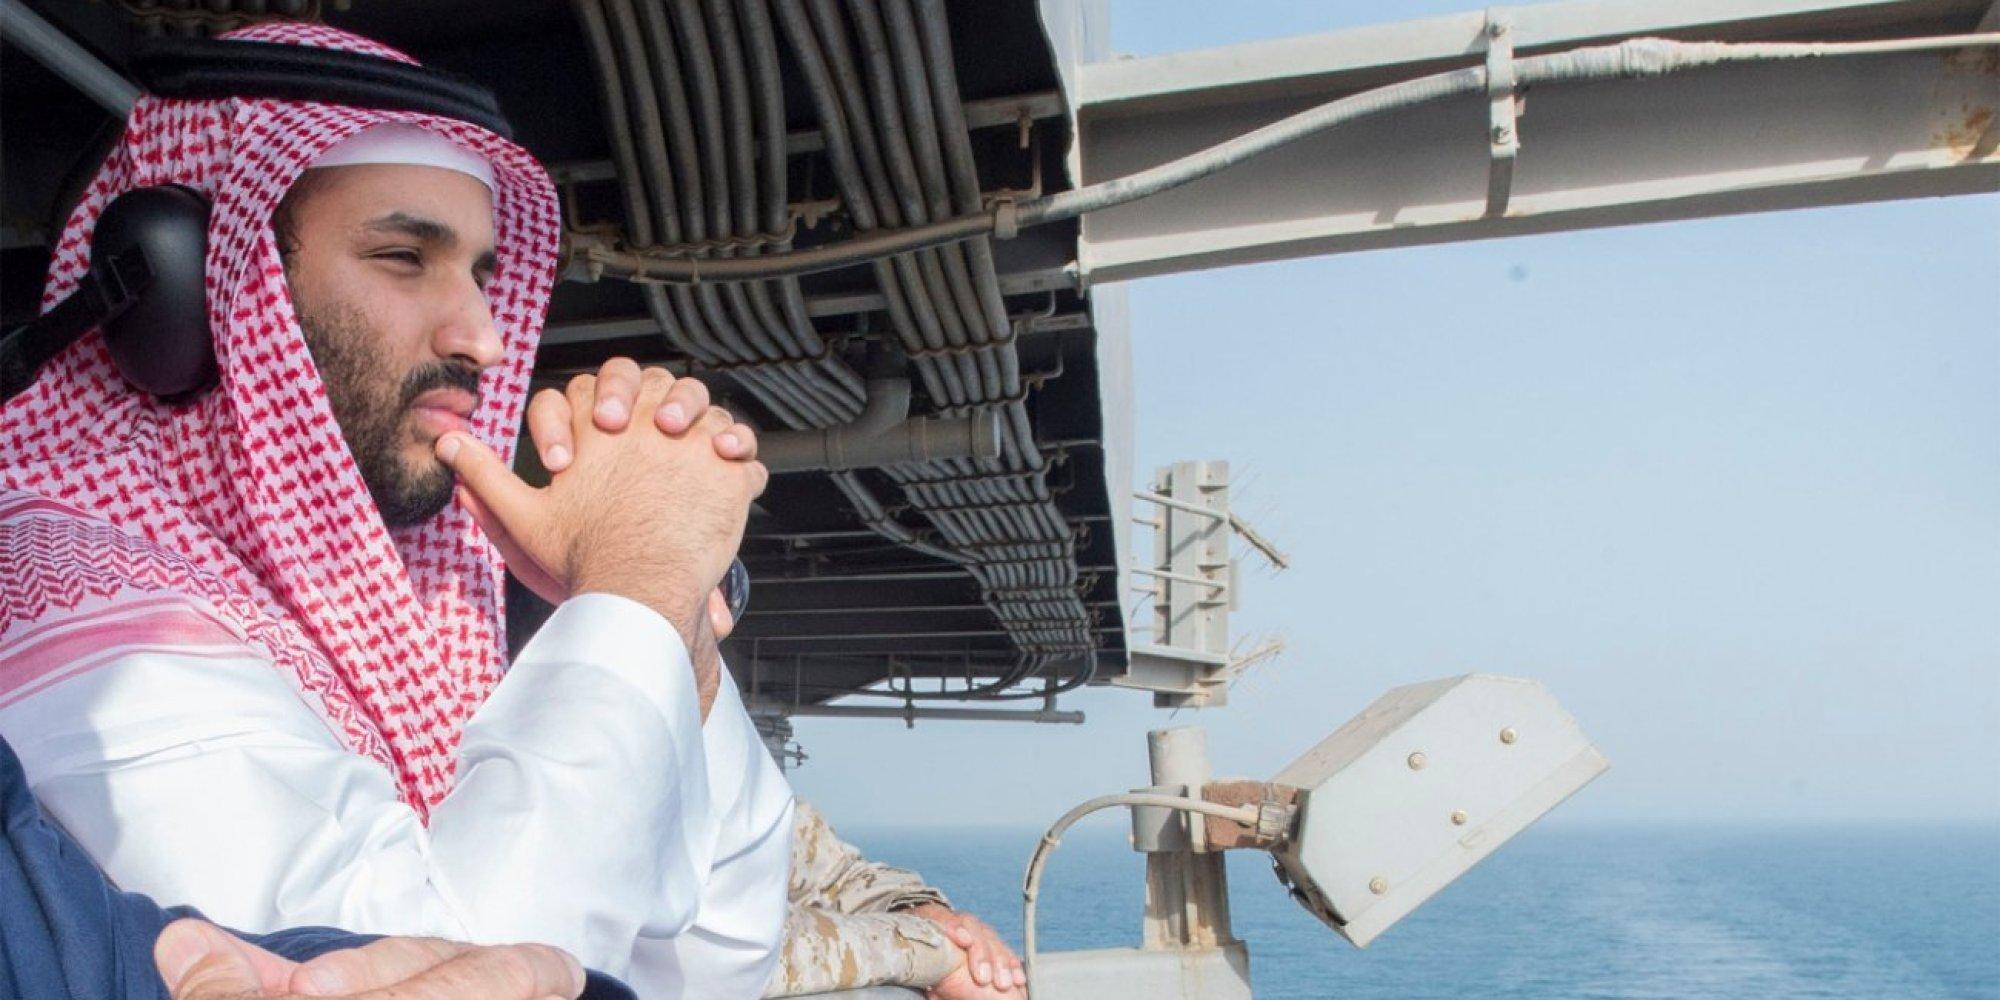 كيف حاصرت السعودية نفسَها باليمن؟ قصة الشَّرطين المتناقضين اللذين أفشلا مغامرة بن سلمان العسكرية